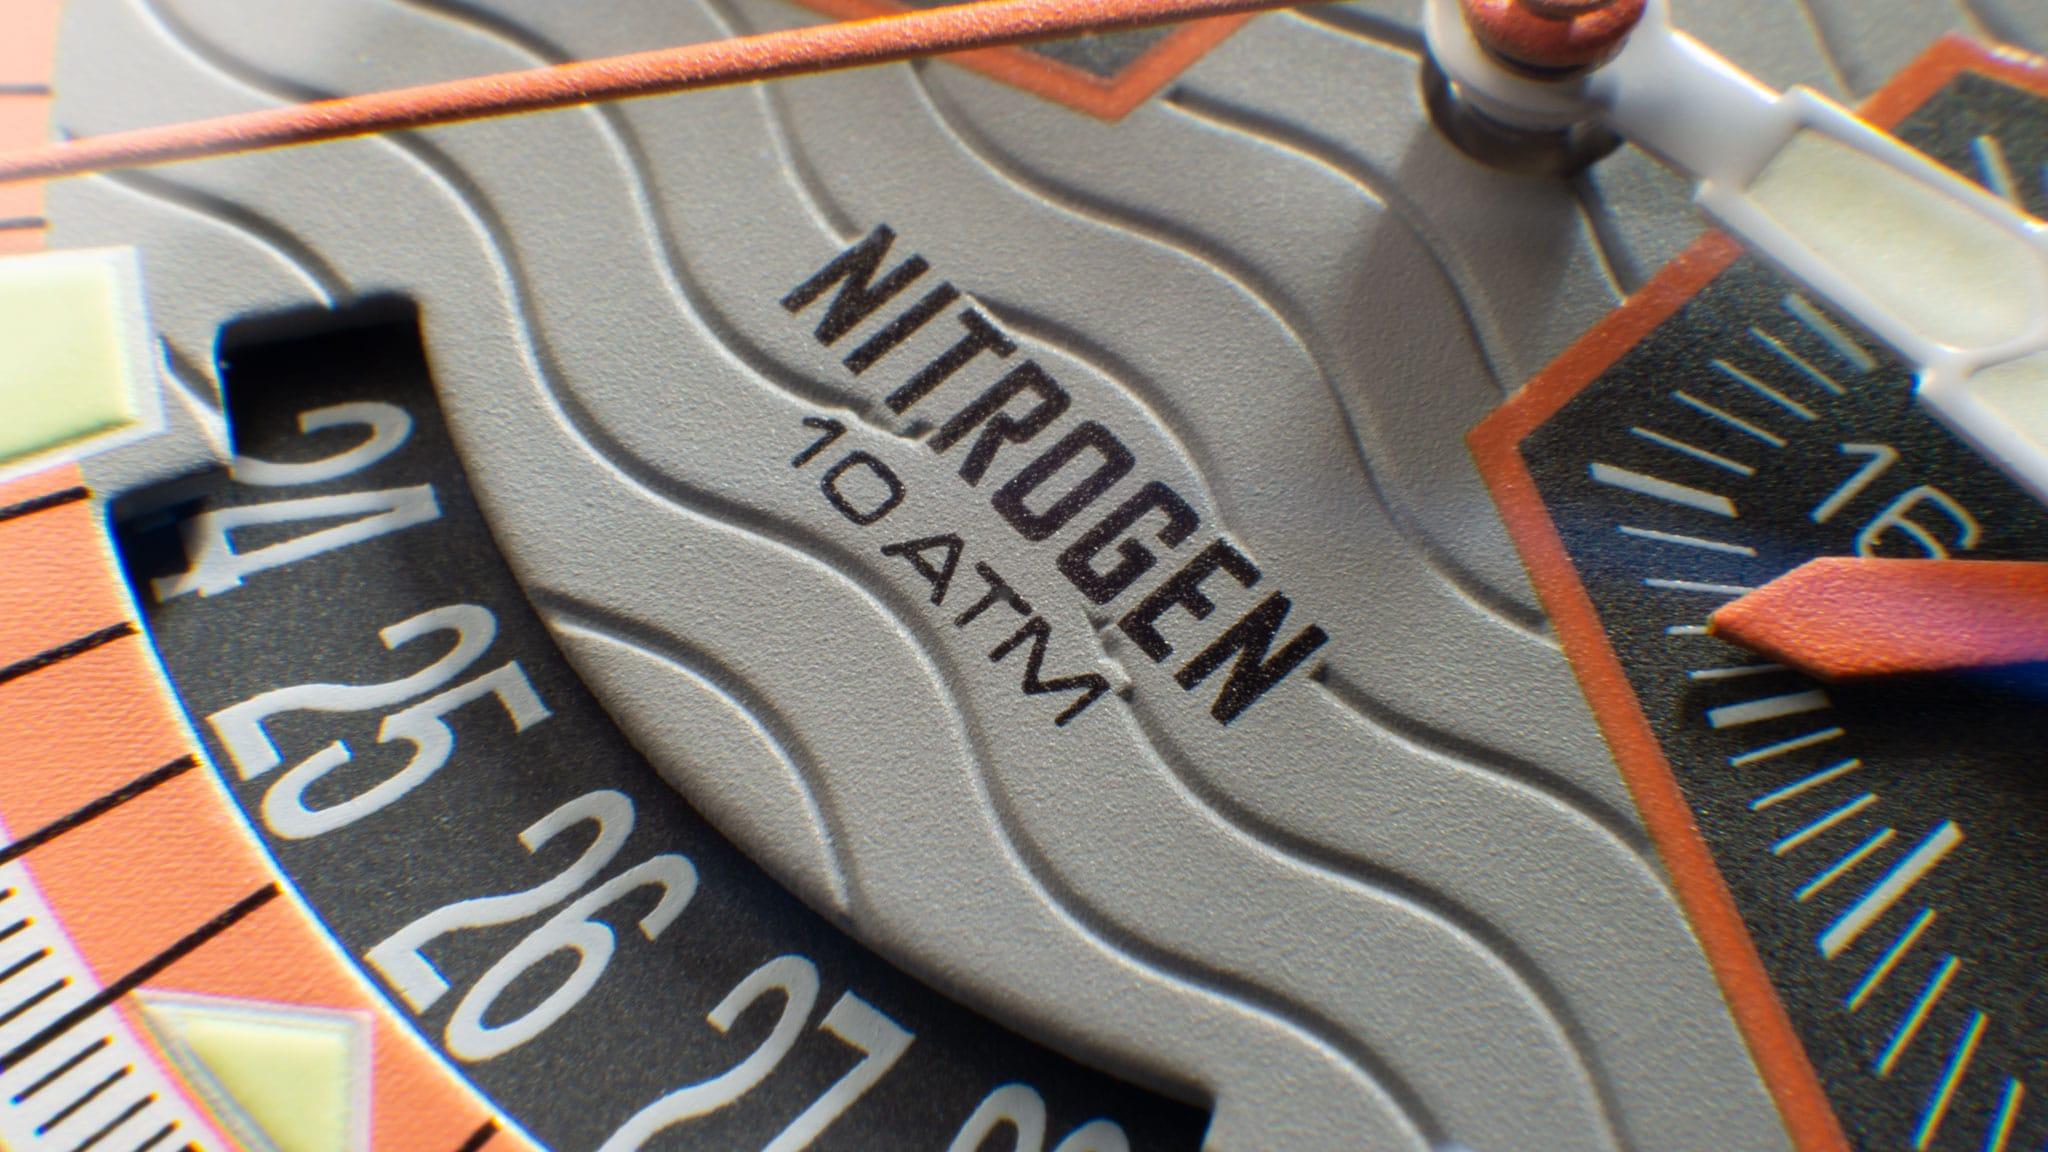 Pook Nitrogen III Limited